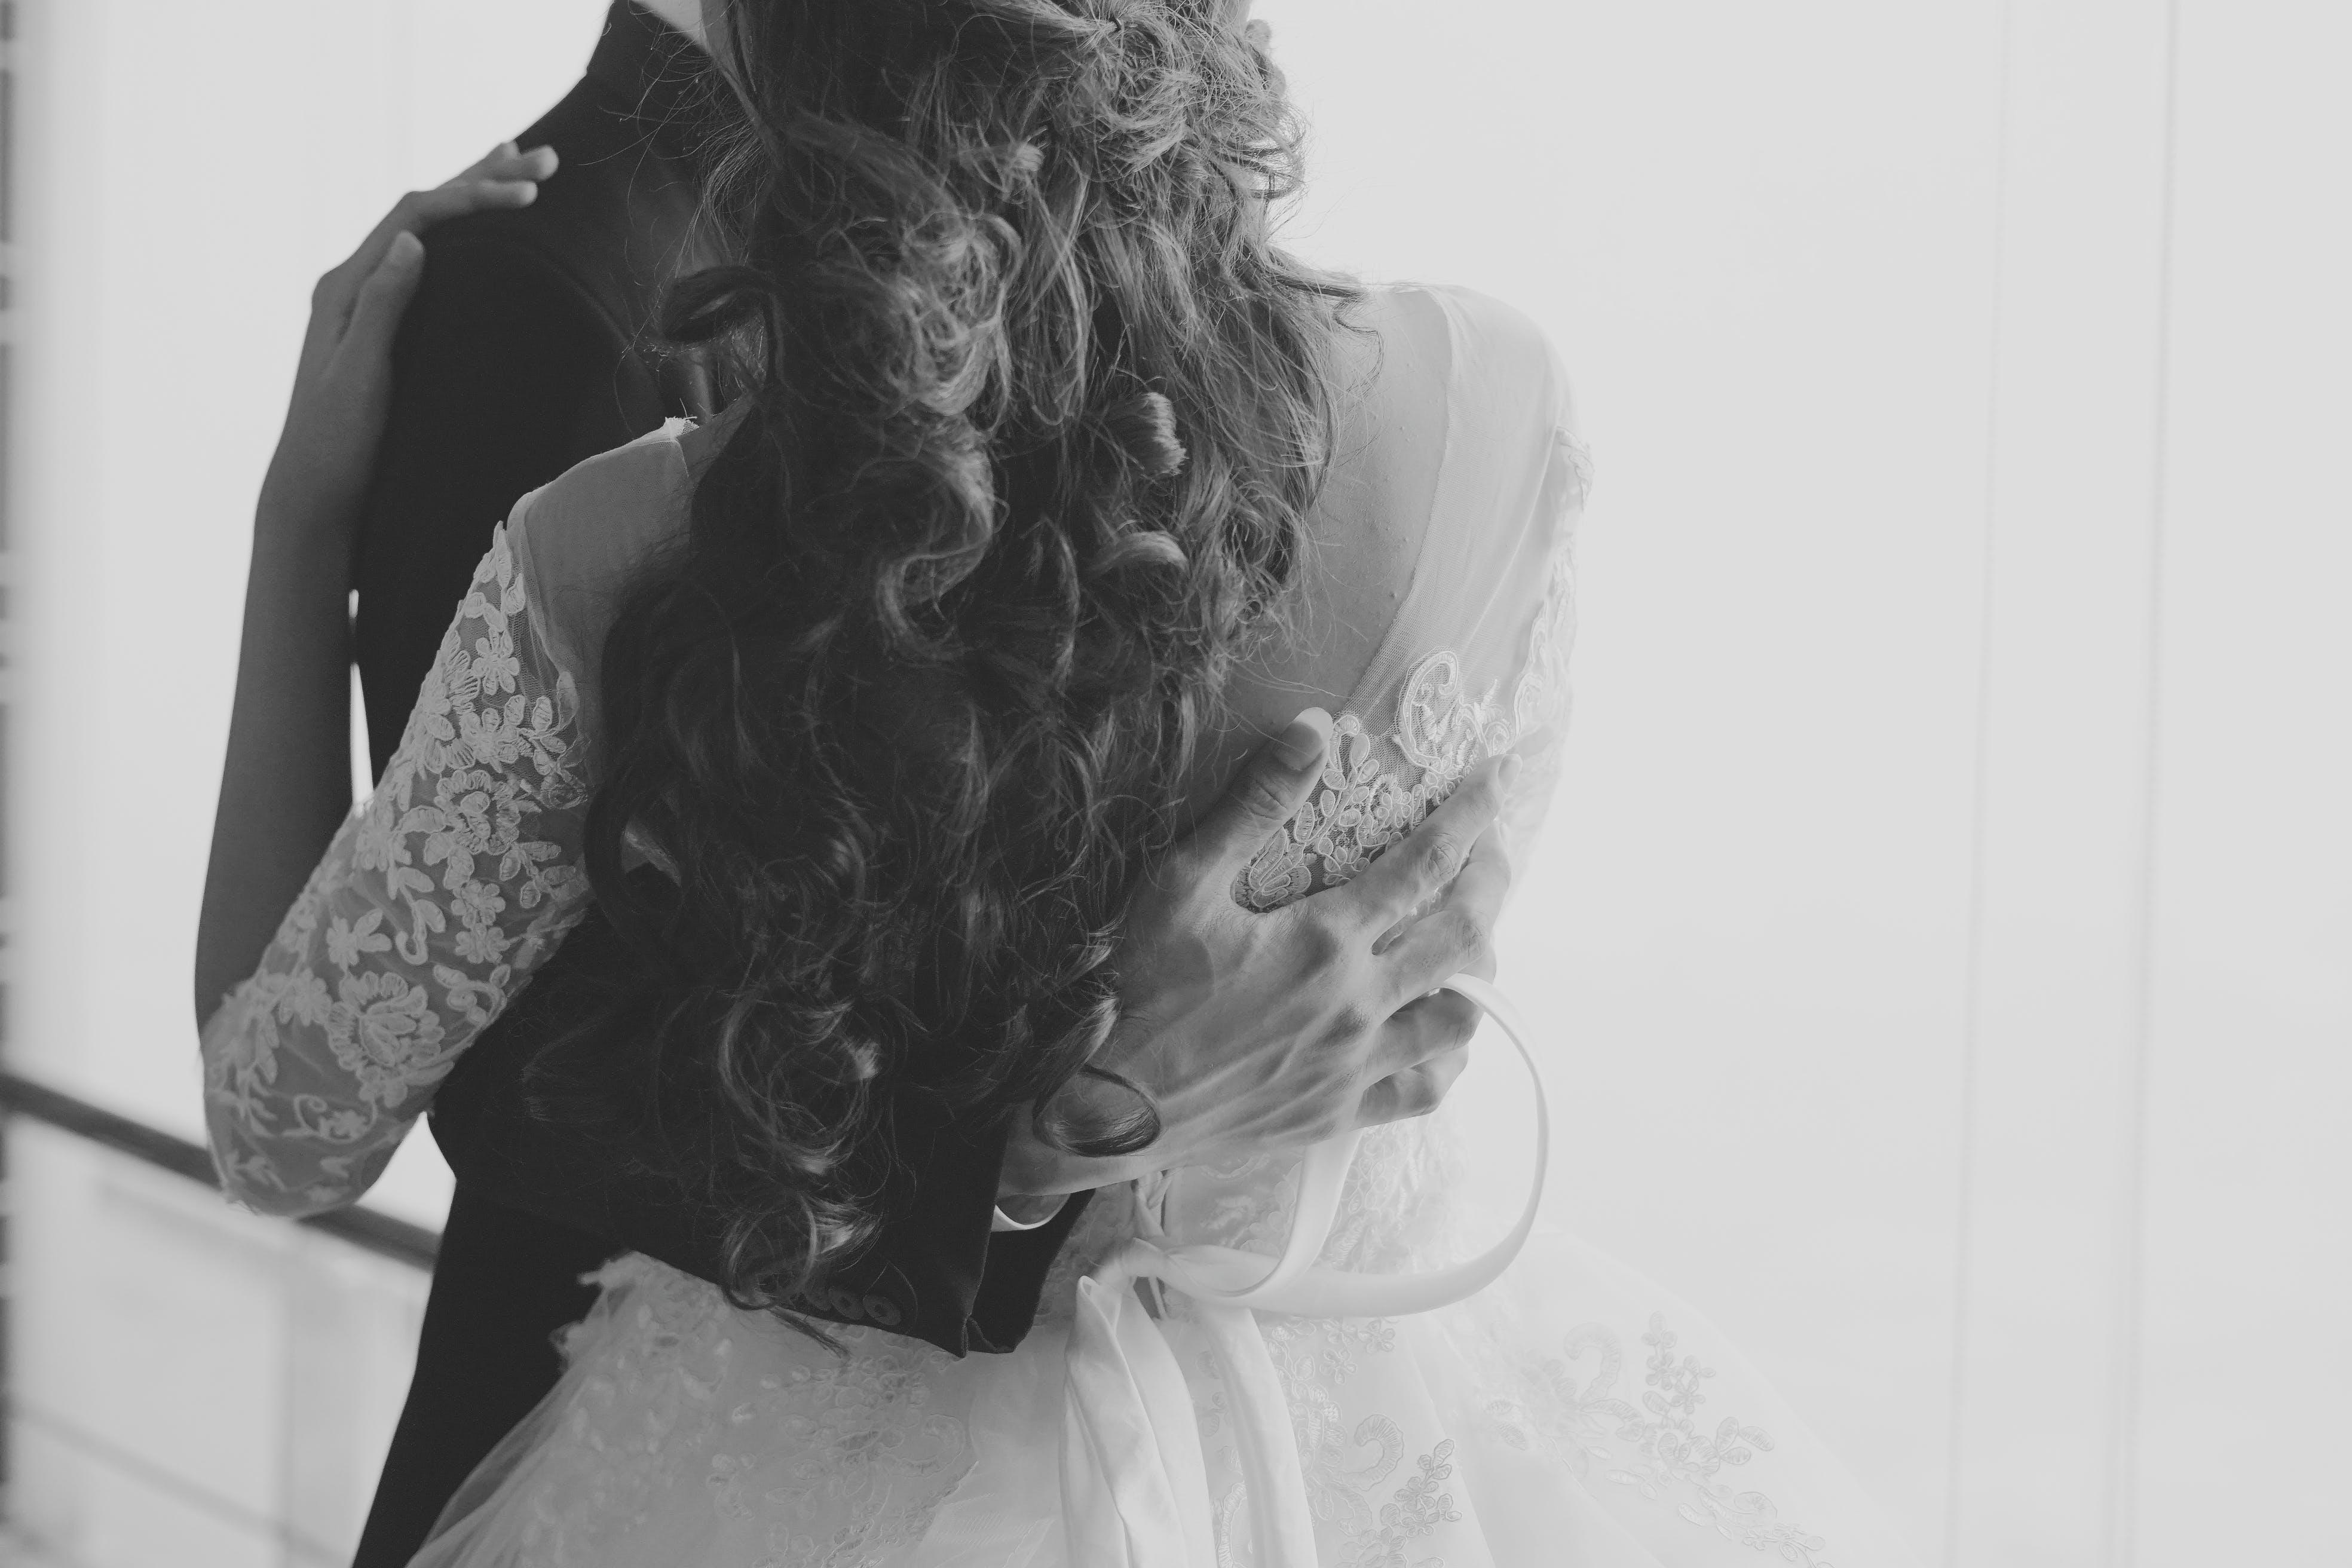 Gratis lagerfoto af bryllup, elegant, folk, hvid kjole